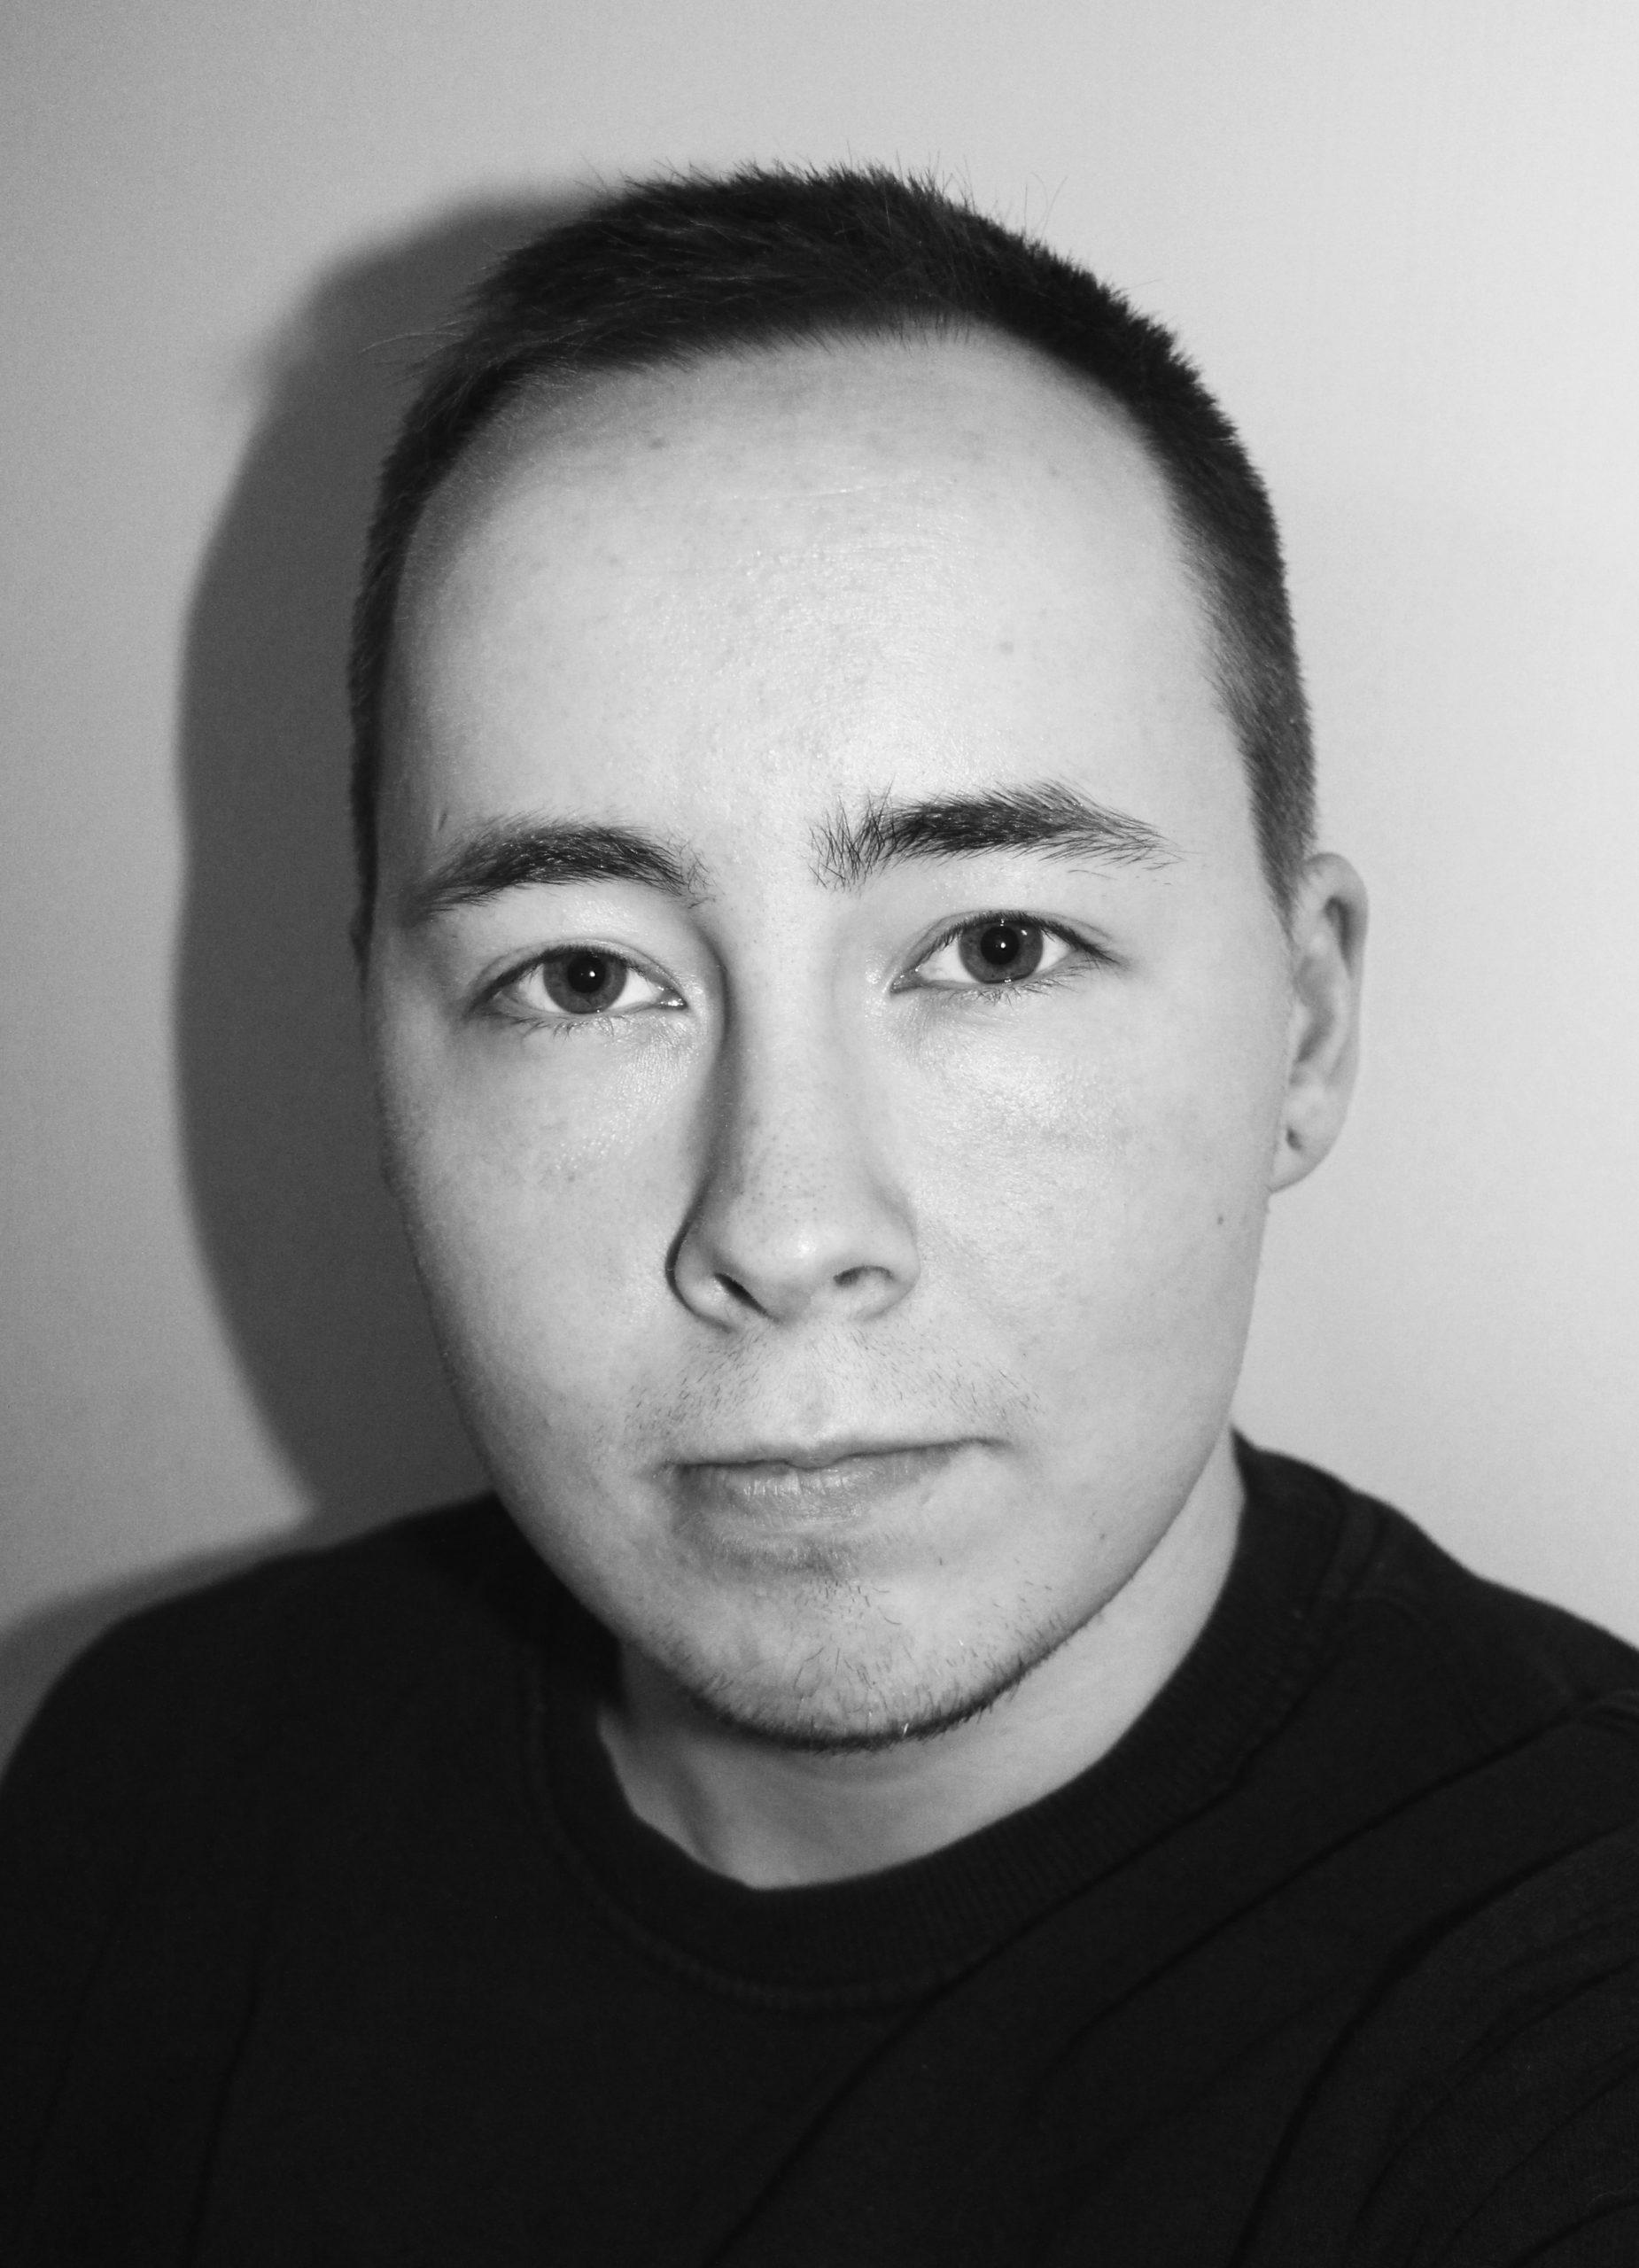 Kirjoittaja on runoileva suomen kielen ja kirjallisuuden opeopiskelija, johon vastaantulijan hymy tarttuu pahanakin päivänä.